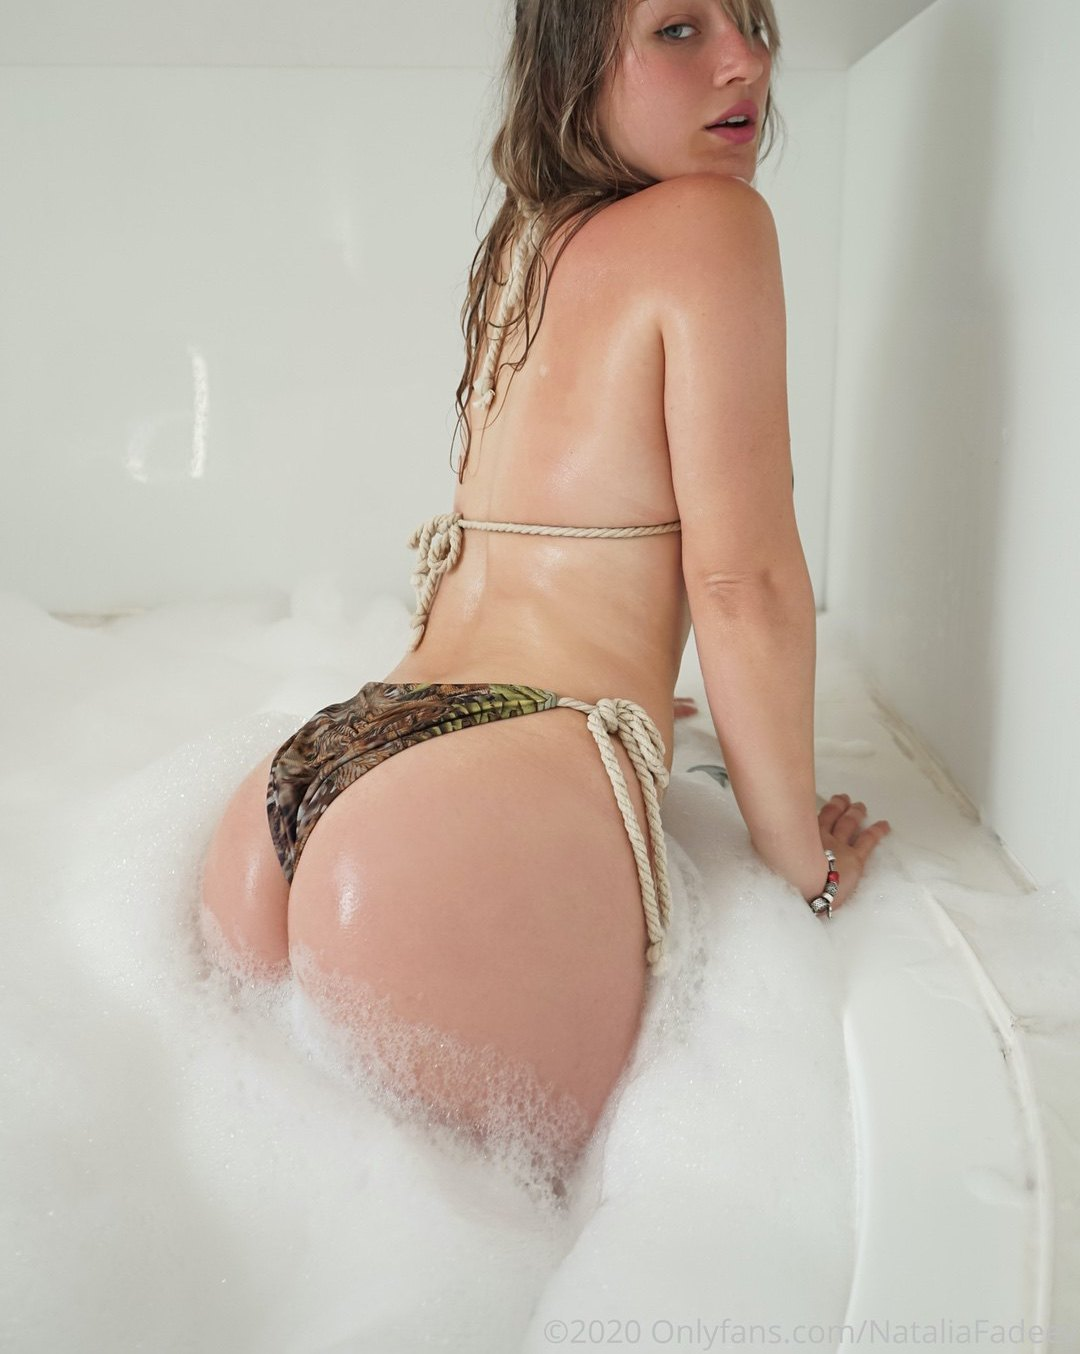 Natalia Fadeev Nataliafadeev Sexy Nudes Leaks 0007